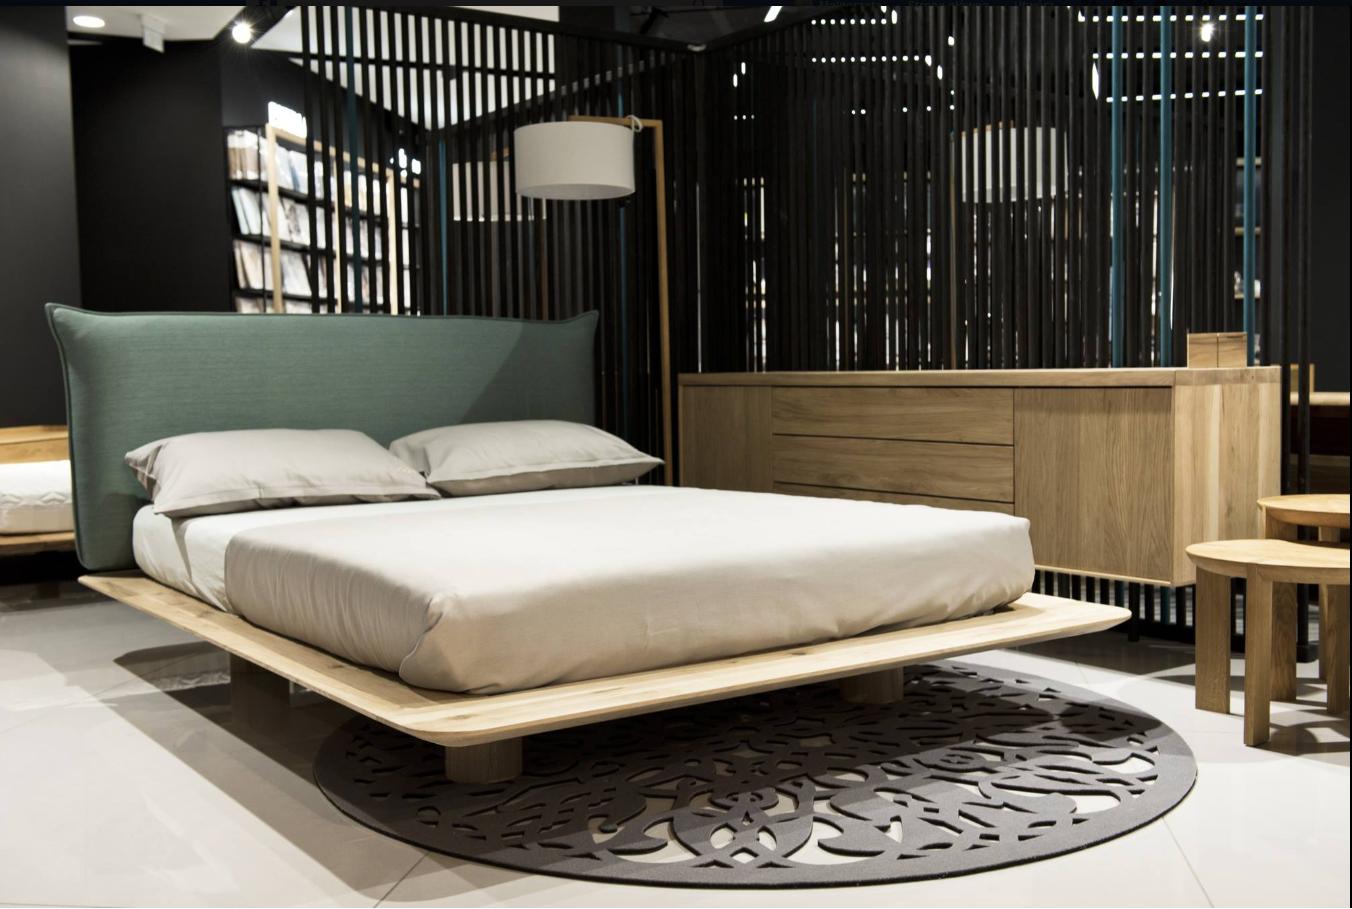 Nuvola Bett Design Modern Aus Massivholz Mit Polsterkopfteil Bed